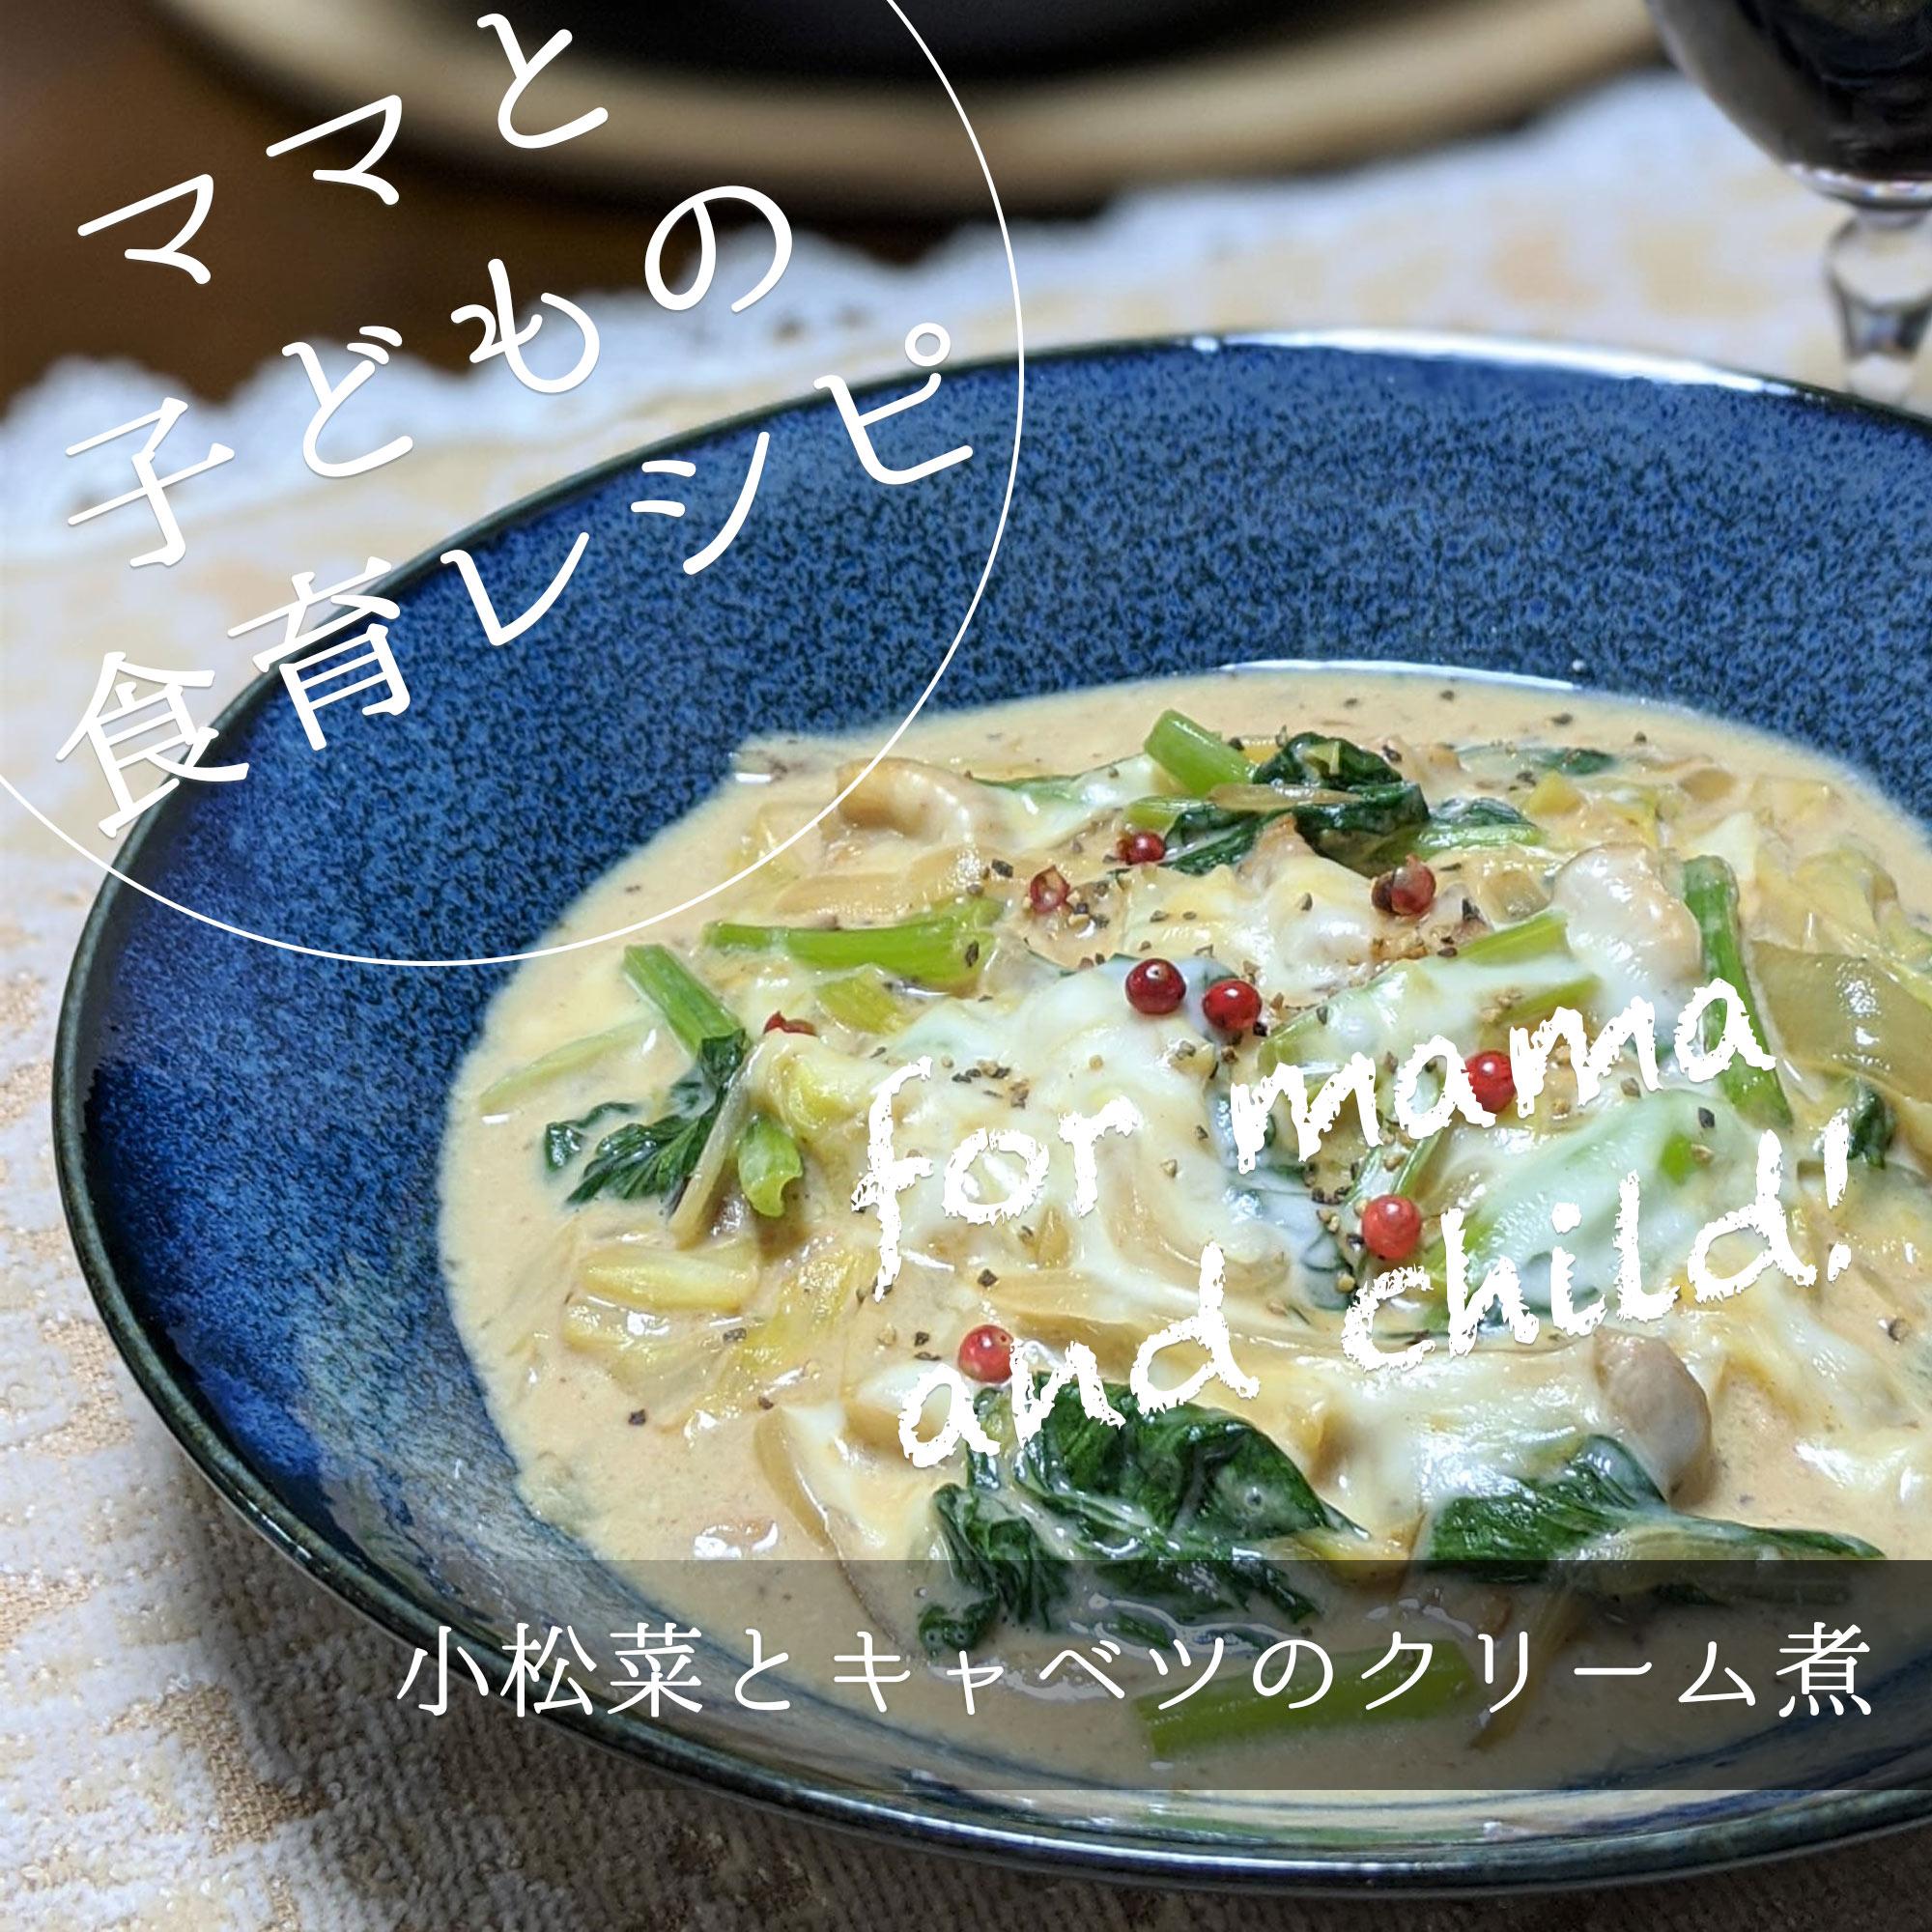 小松菜とキャベツのクリーム煮